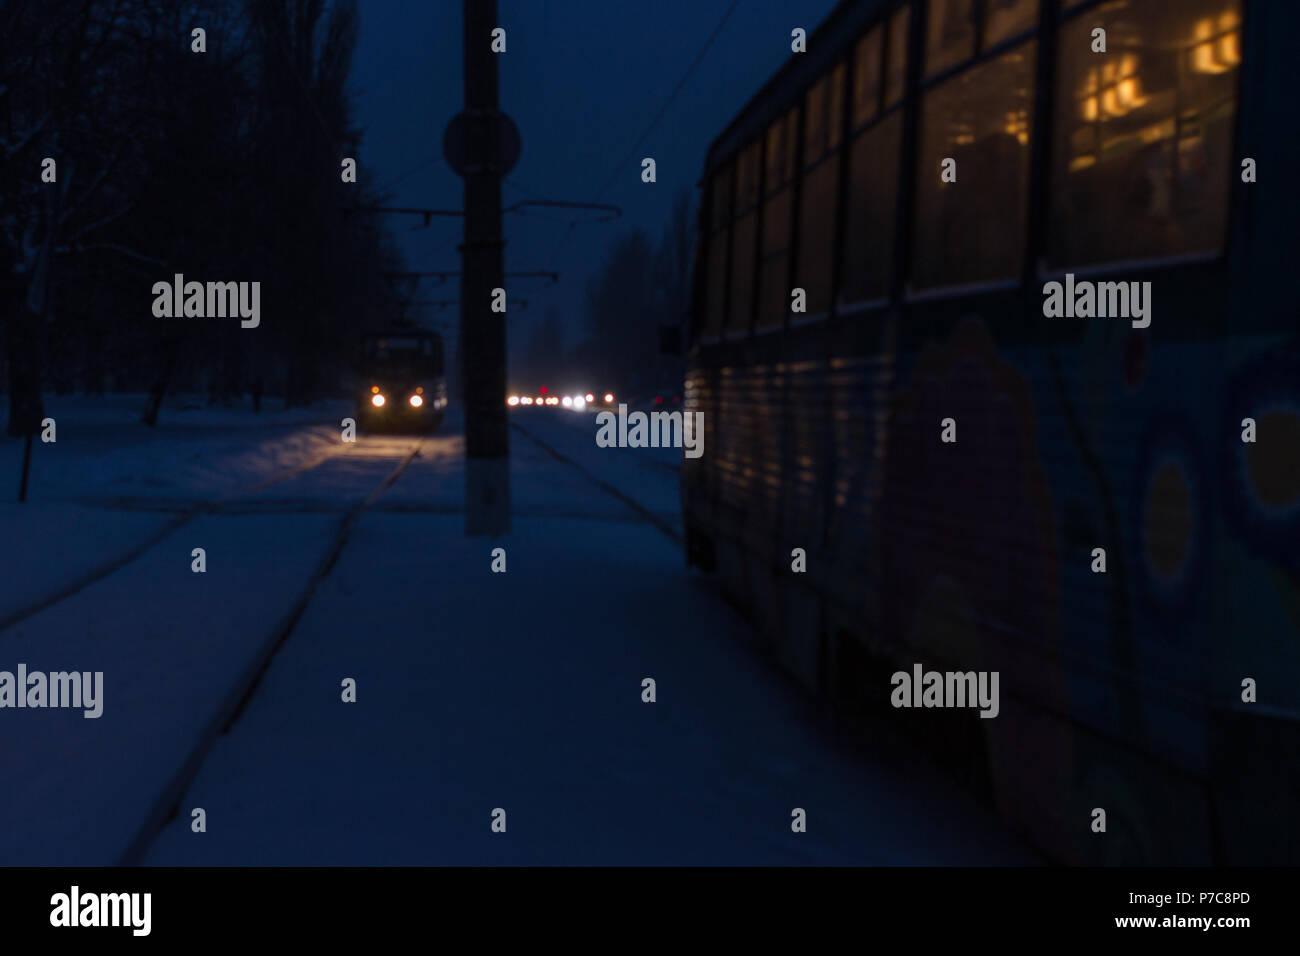 Puissant dans la neige grave Konotop. Une nuit d'hiver de neige dans la ville. Banque D'Images